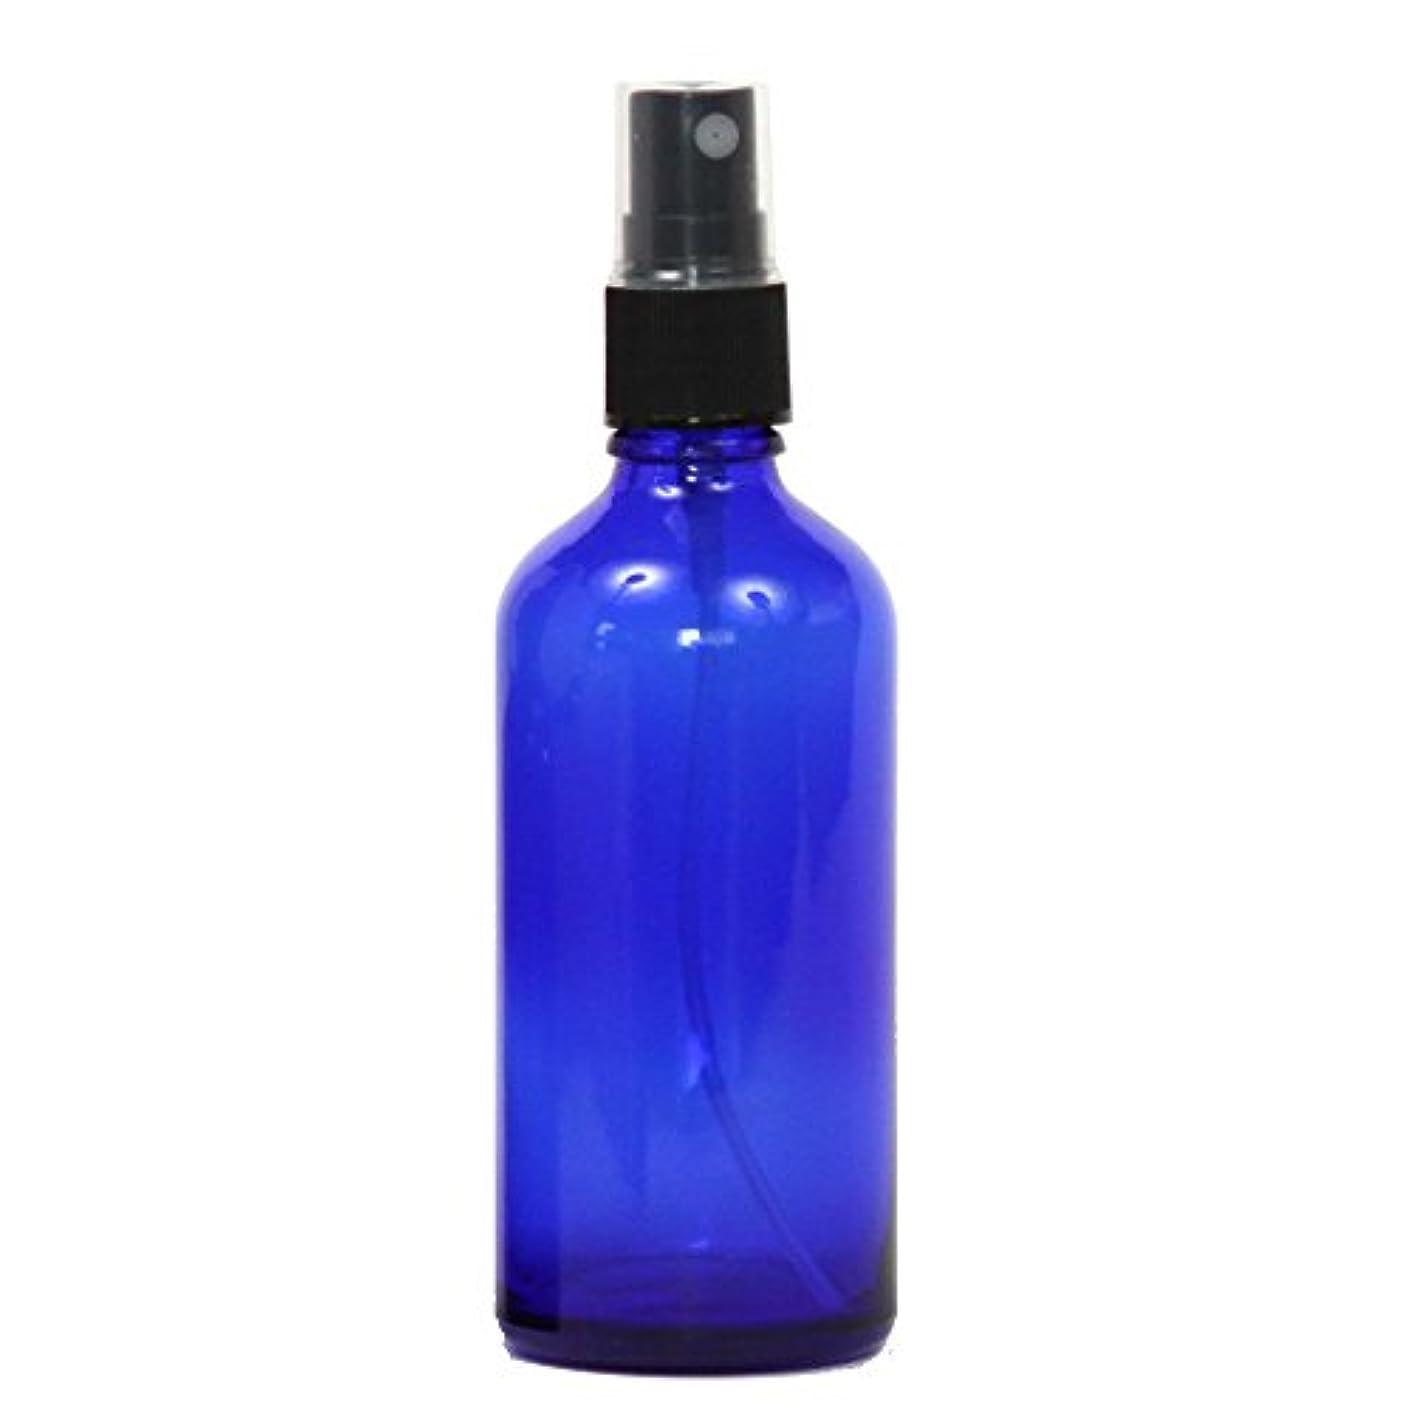 用語集時計びっくりしたスプレーボトル ガラス瓶 100mL 【コバルト 青色】 遮光性 ブルーガラスアトマイザー 空容器bu100g